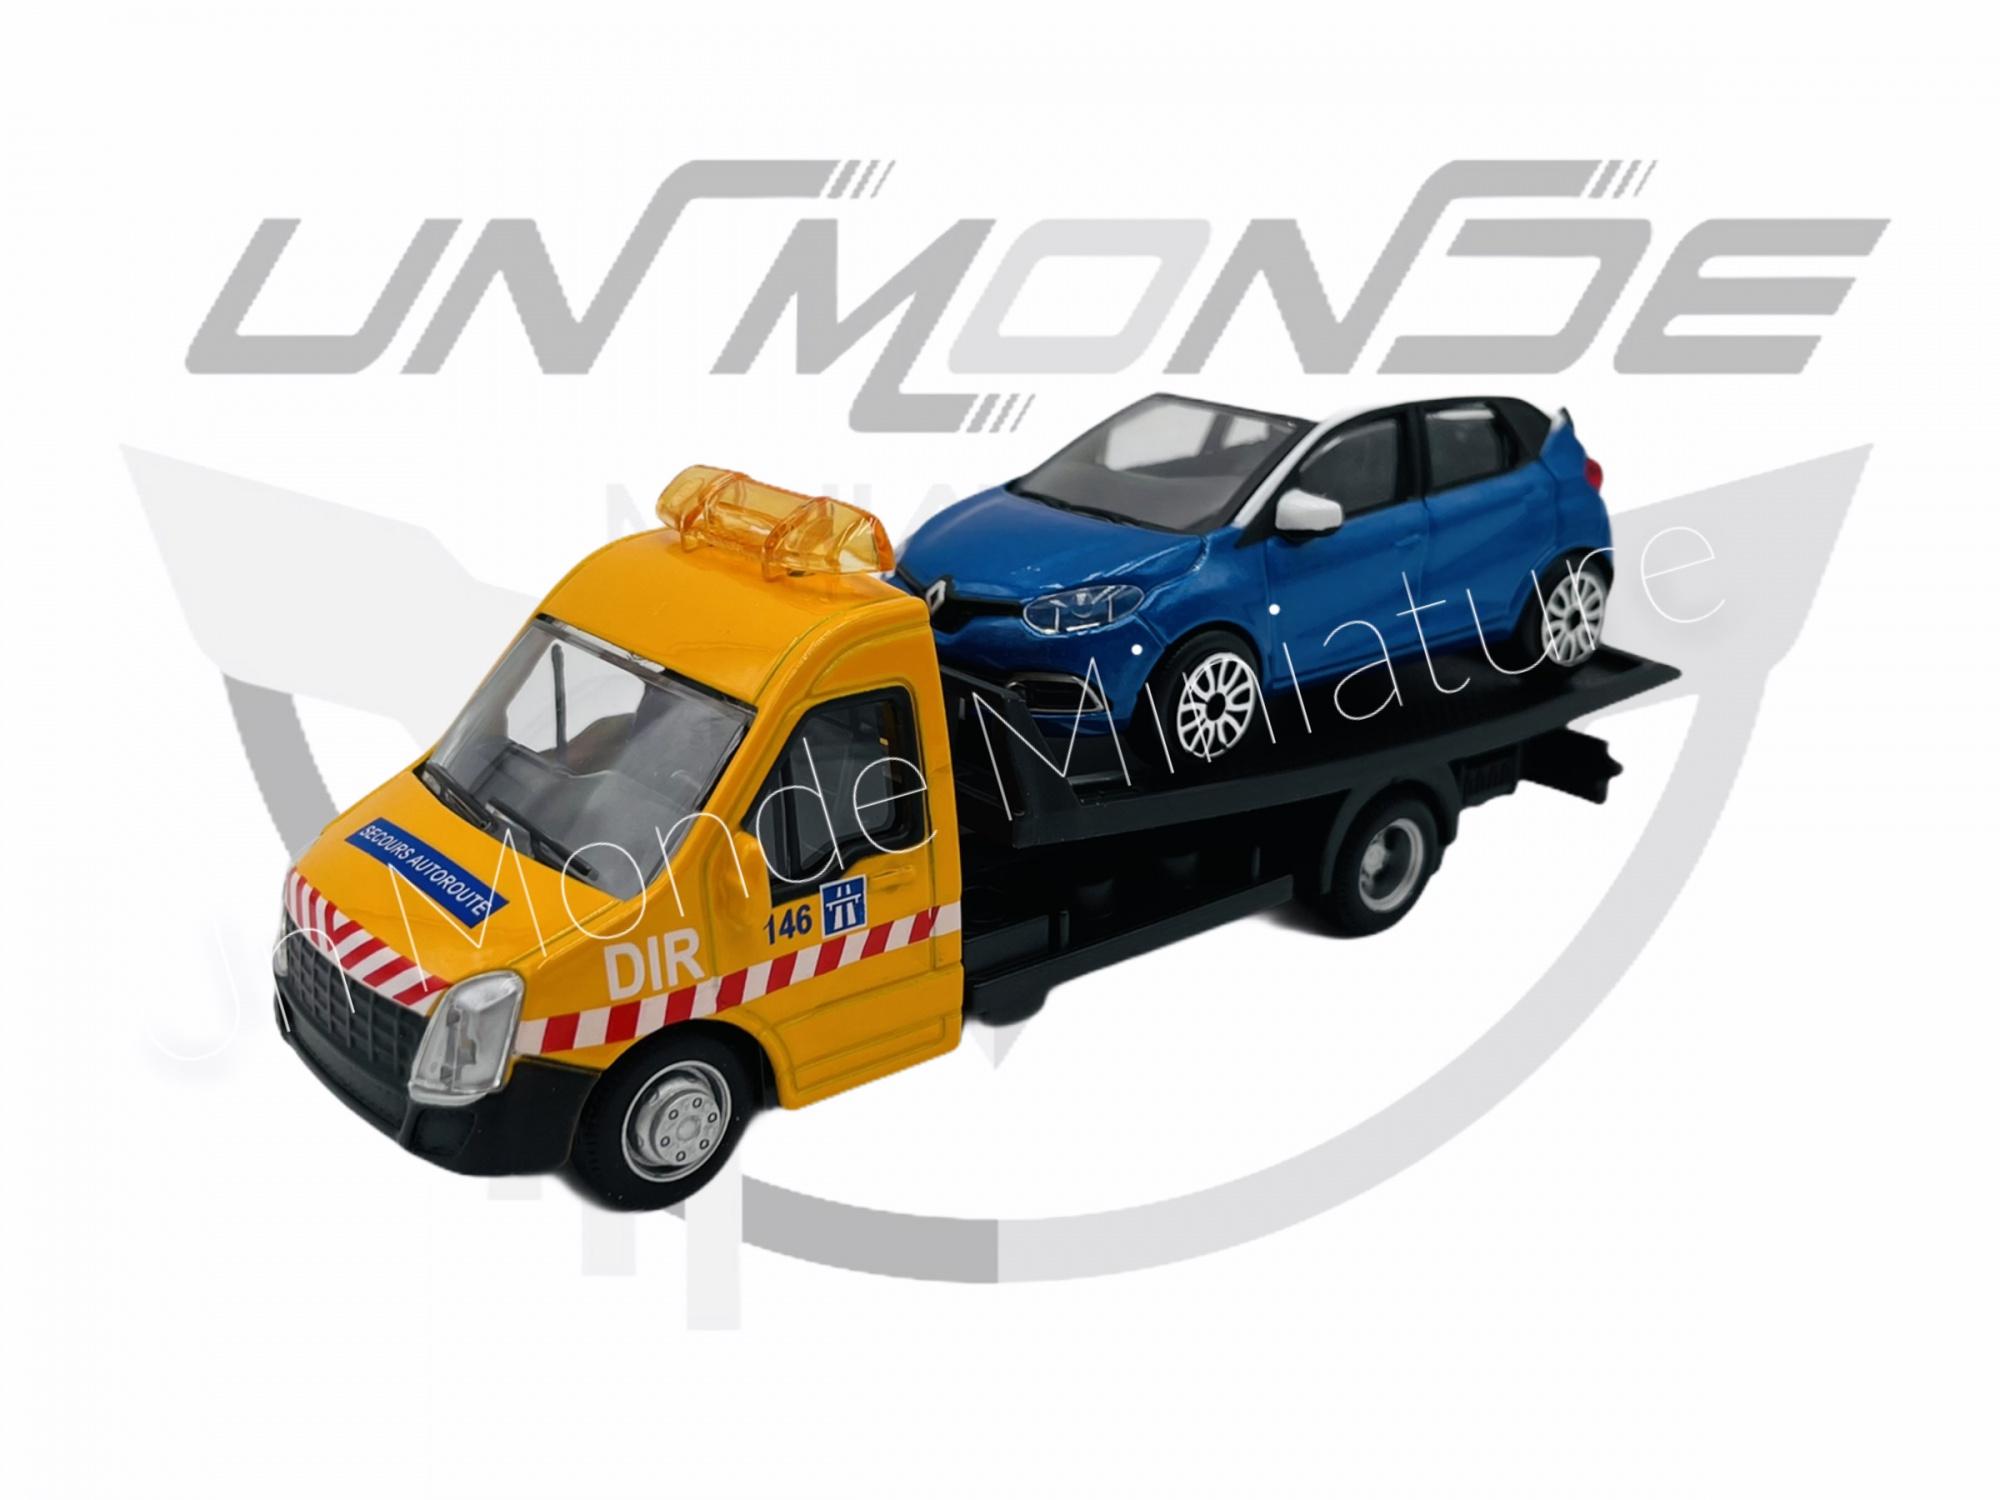 Iveco Dailly Transporteur avec Renault Captur